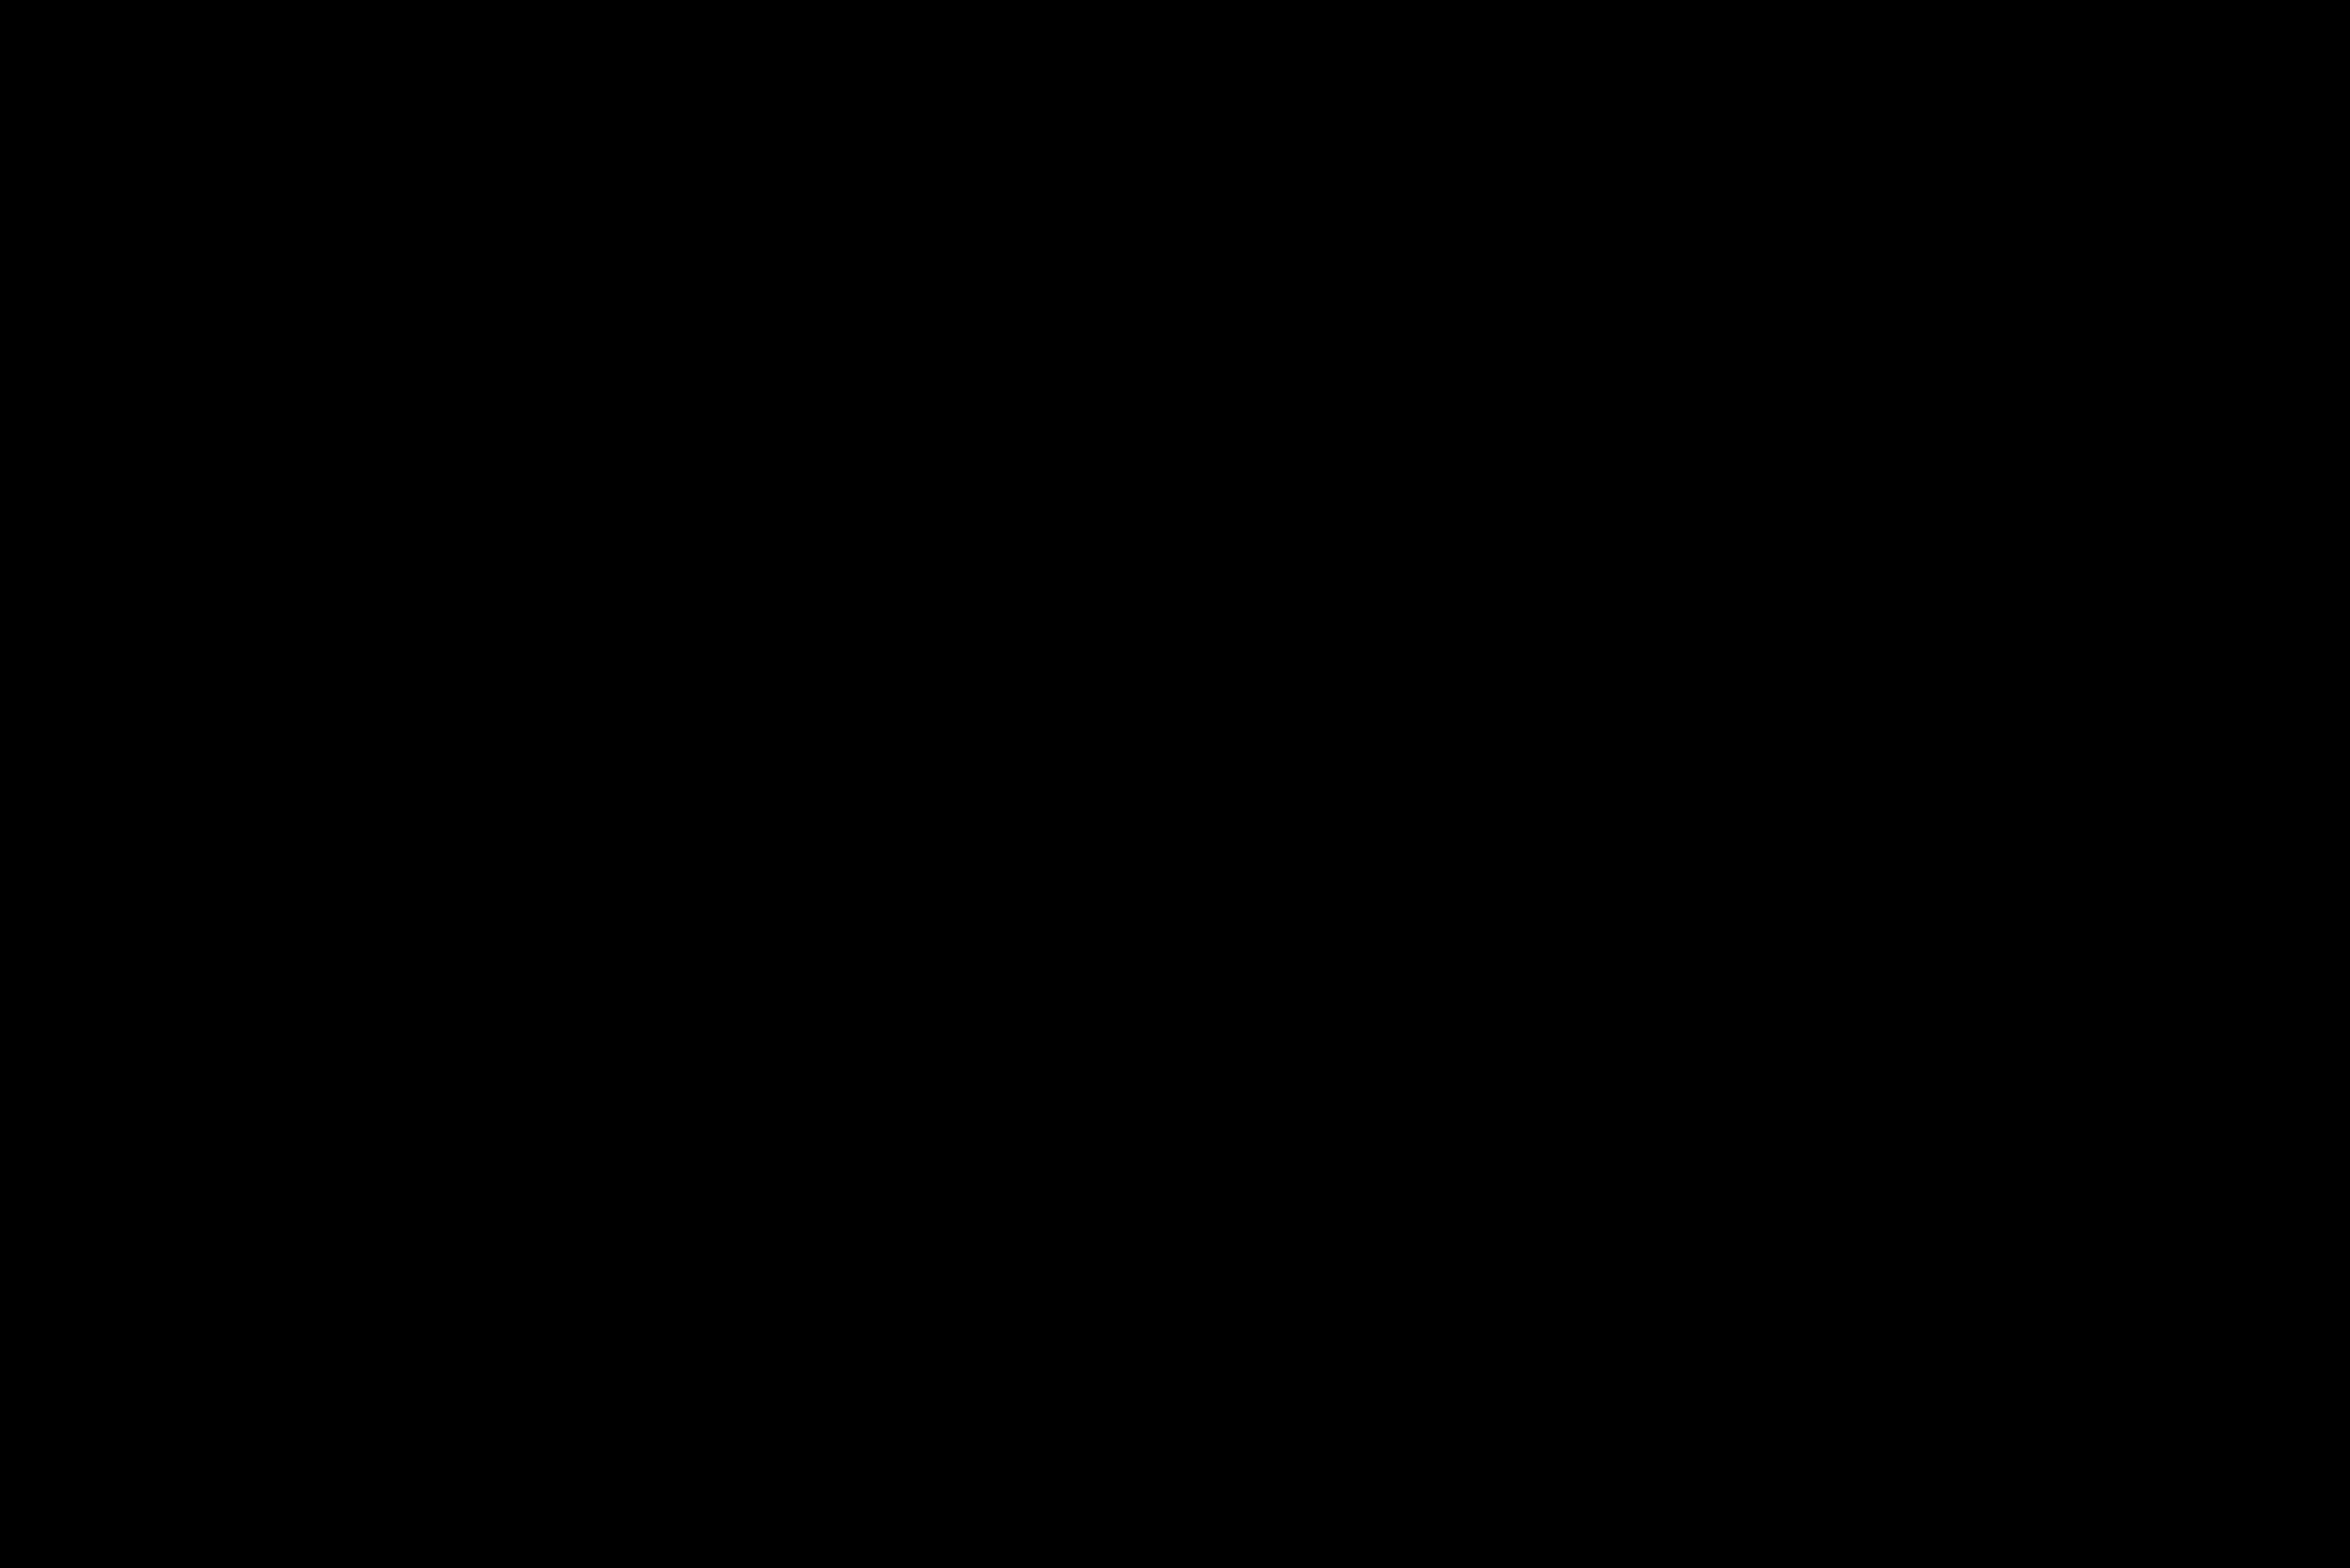 blauhaus Architekten BDA, Mathias Kreibich